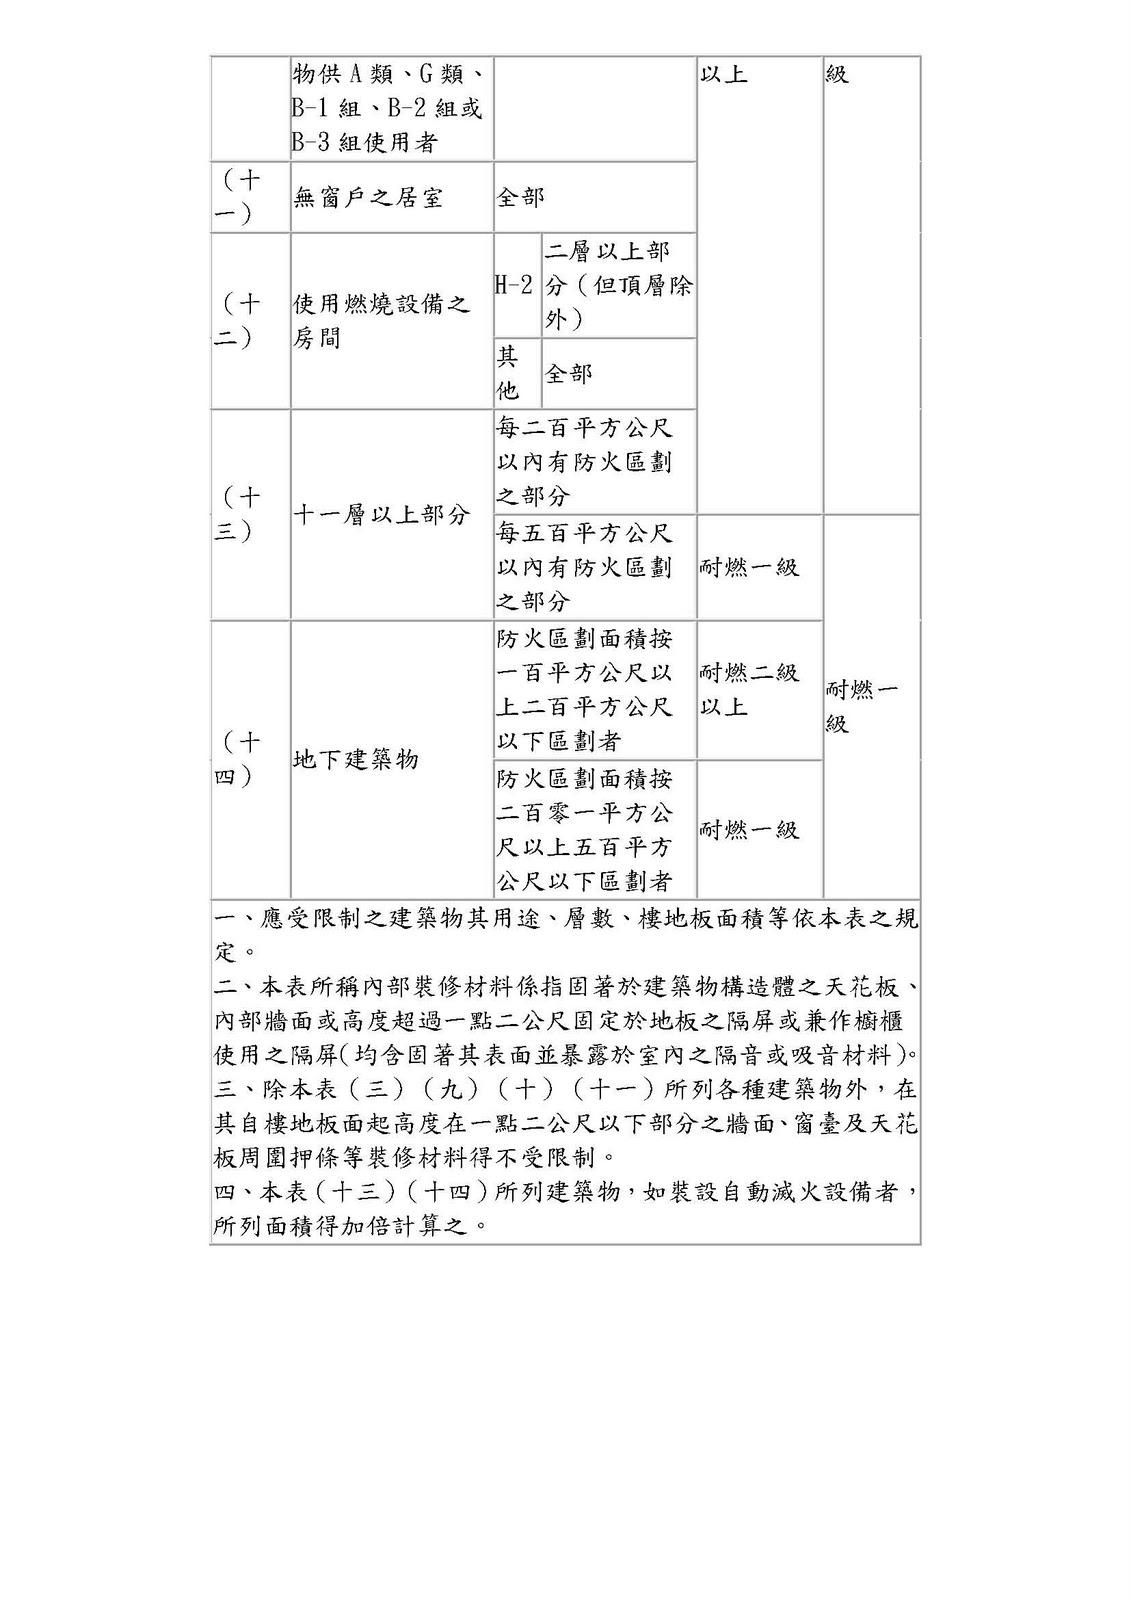 臺南市建築物公共安全檢查商業同業公會: 修正「建築技術規則」建築設計施工編部分條文及建築設備編部分條文